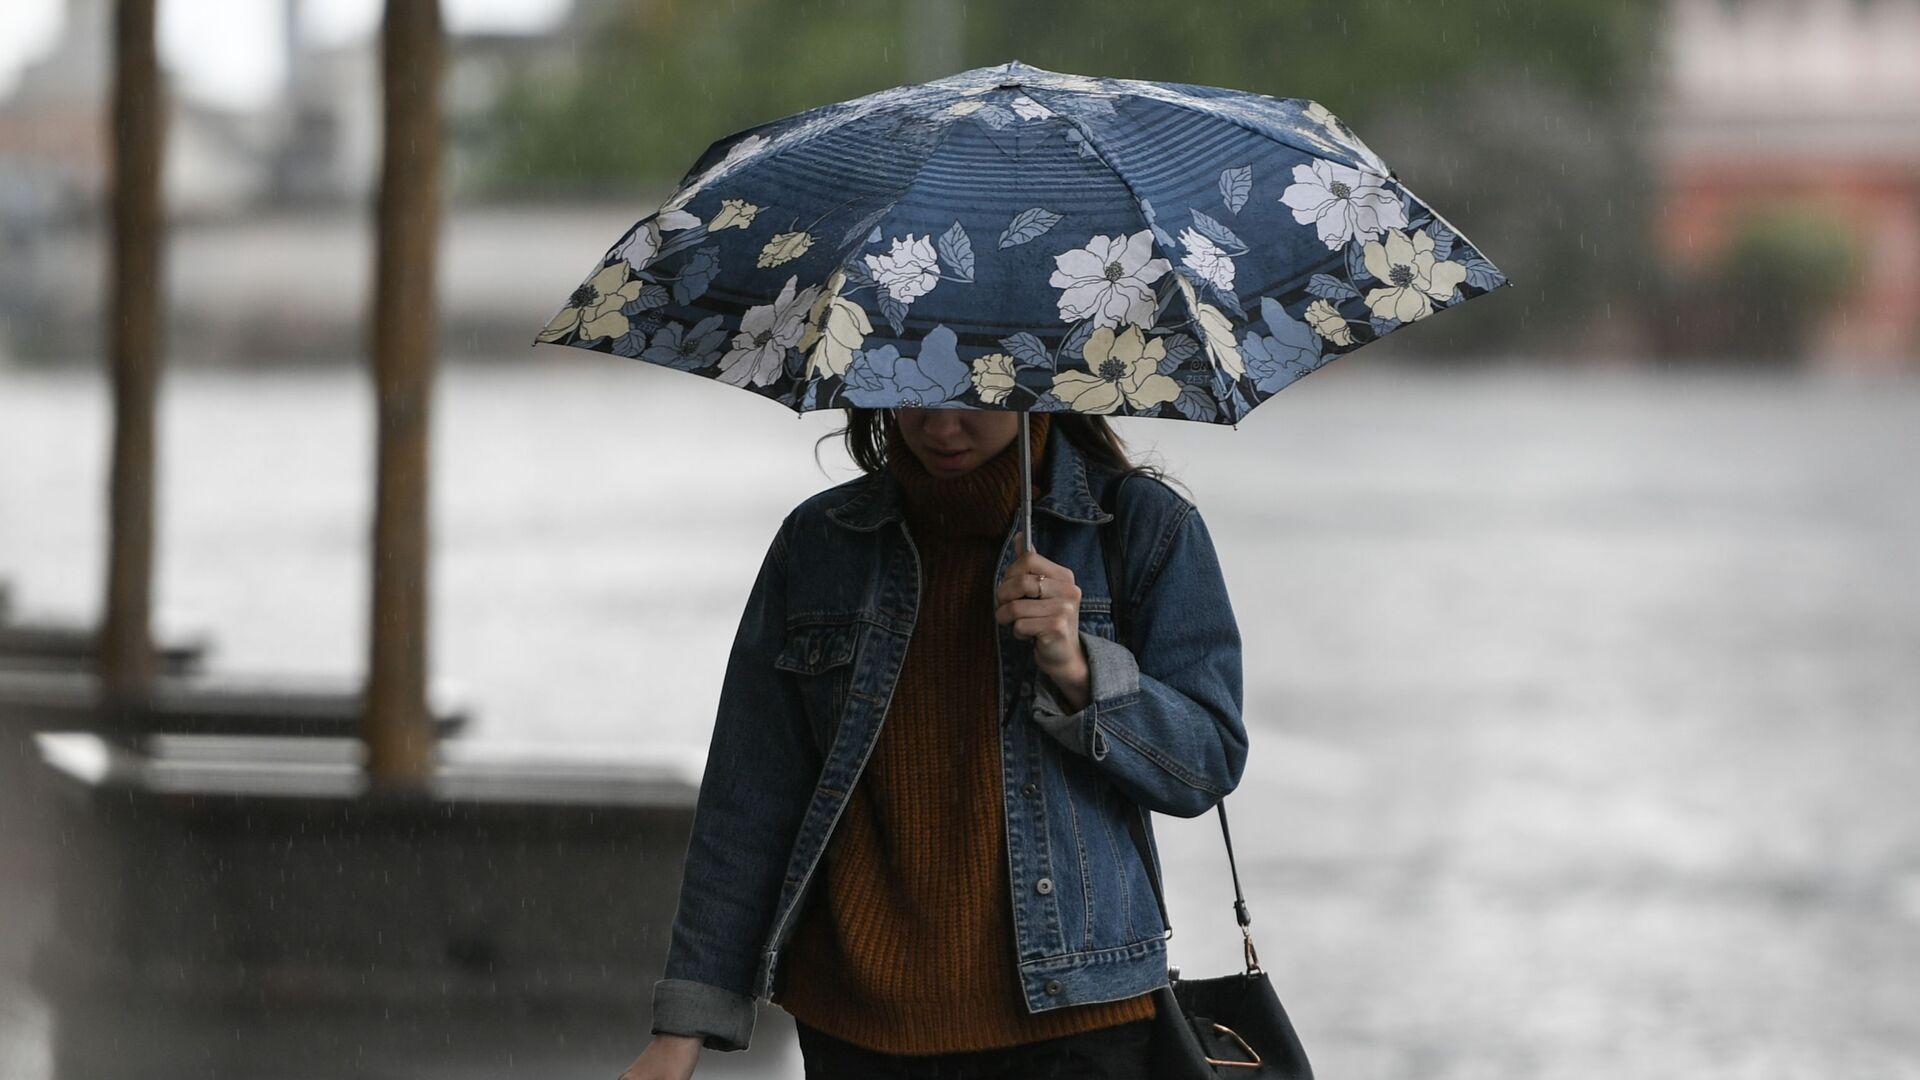 Девушка идет под зонтом во время дождя - Sputnik Беларусь, 1920, 16.09.2021